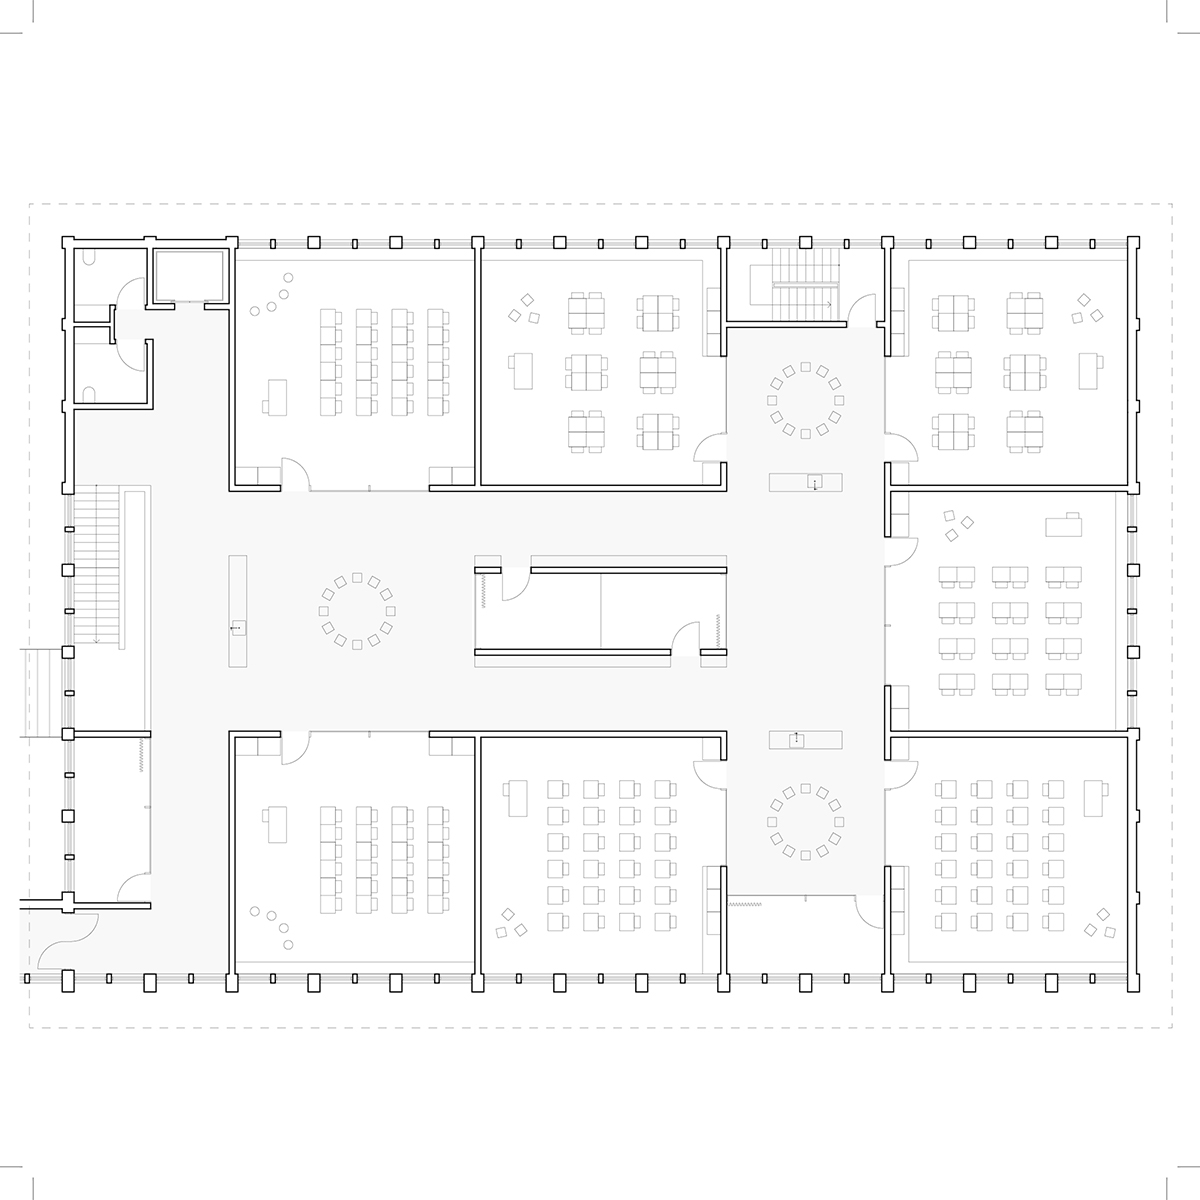 Plan d'une salle de classe par Table Architecture et Durand Courchesne et Heloïse Thibodeau Architecte, pour le concours du Lab-École à Maskinongé, présenté dans le cadre de l'exposition «Devoirs d'architecture».